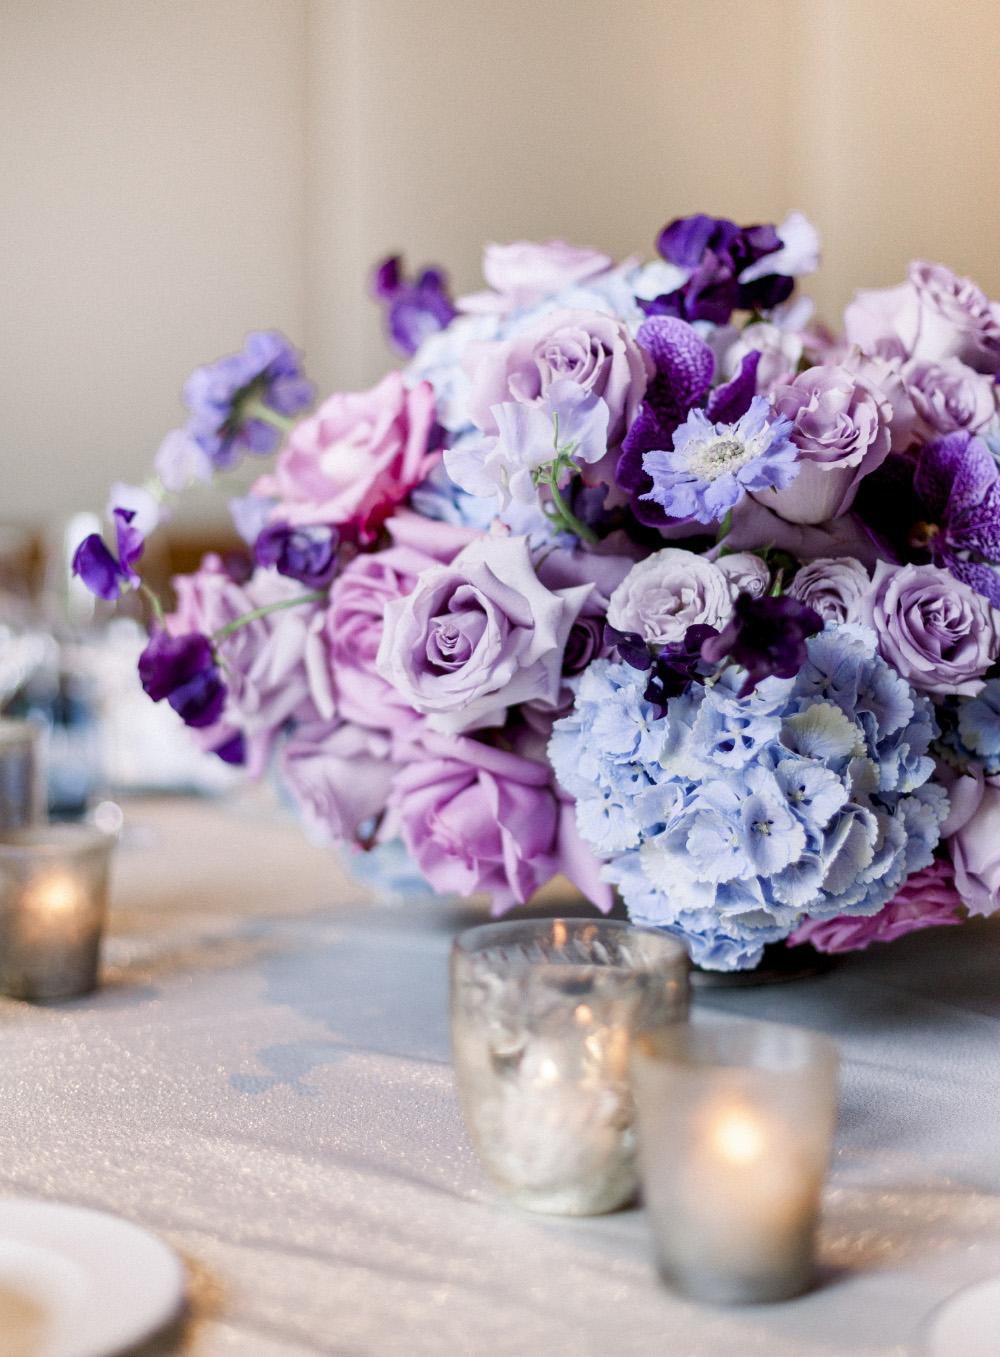 Chuppah, jewish wedding, the alpina gstaad, luxury wedding switzerland, aisle flowers, blumen baldachin, zeremoniedekoration, hochzeitsfloristik, ceiling, purple, silver